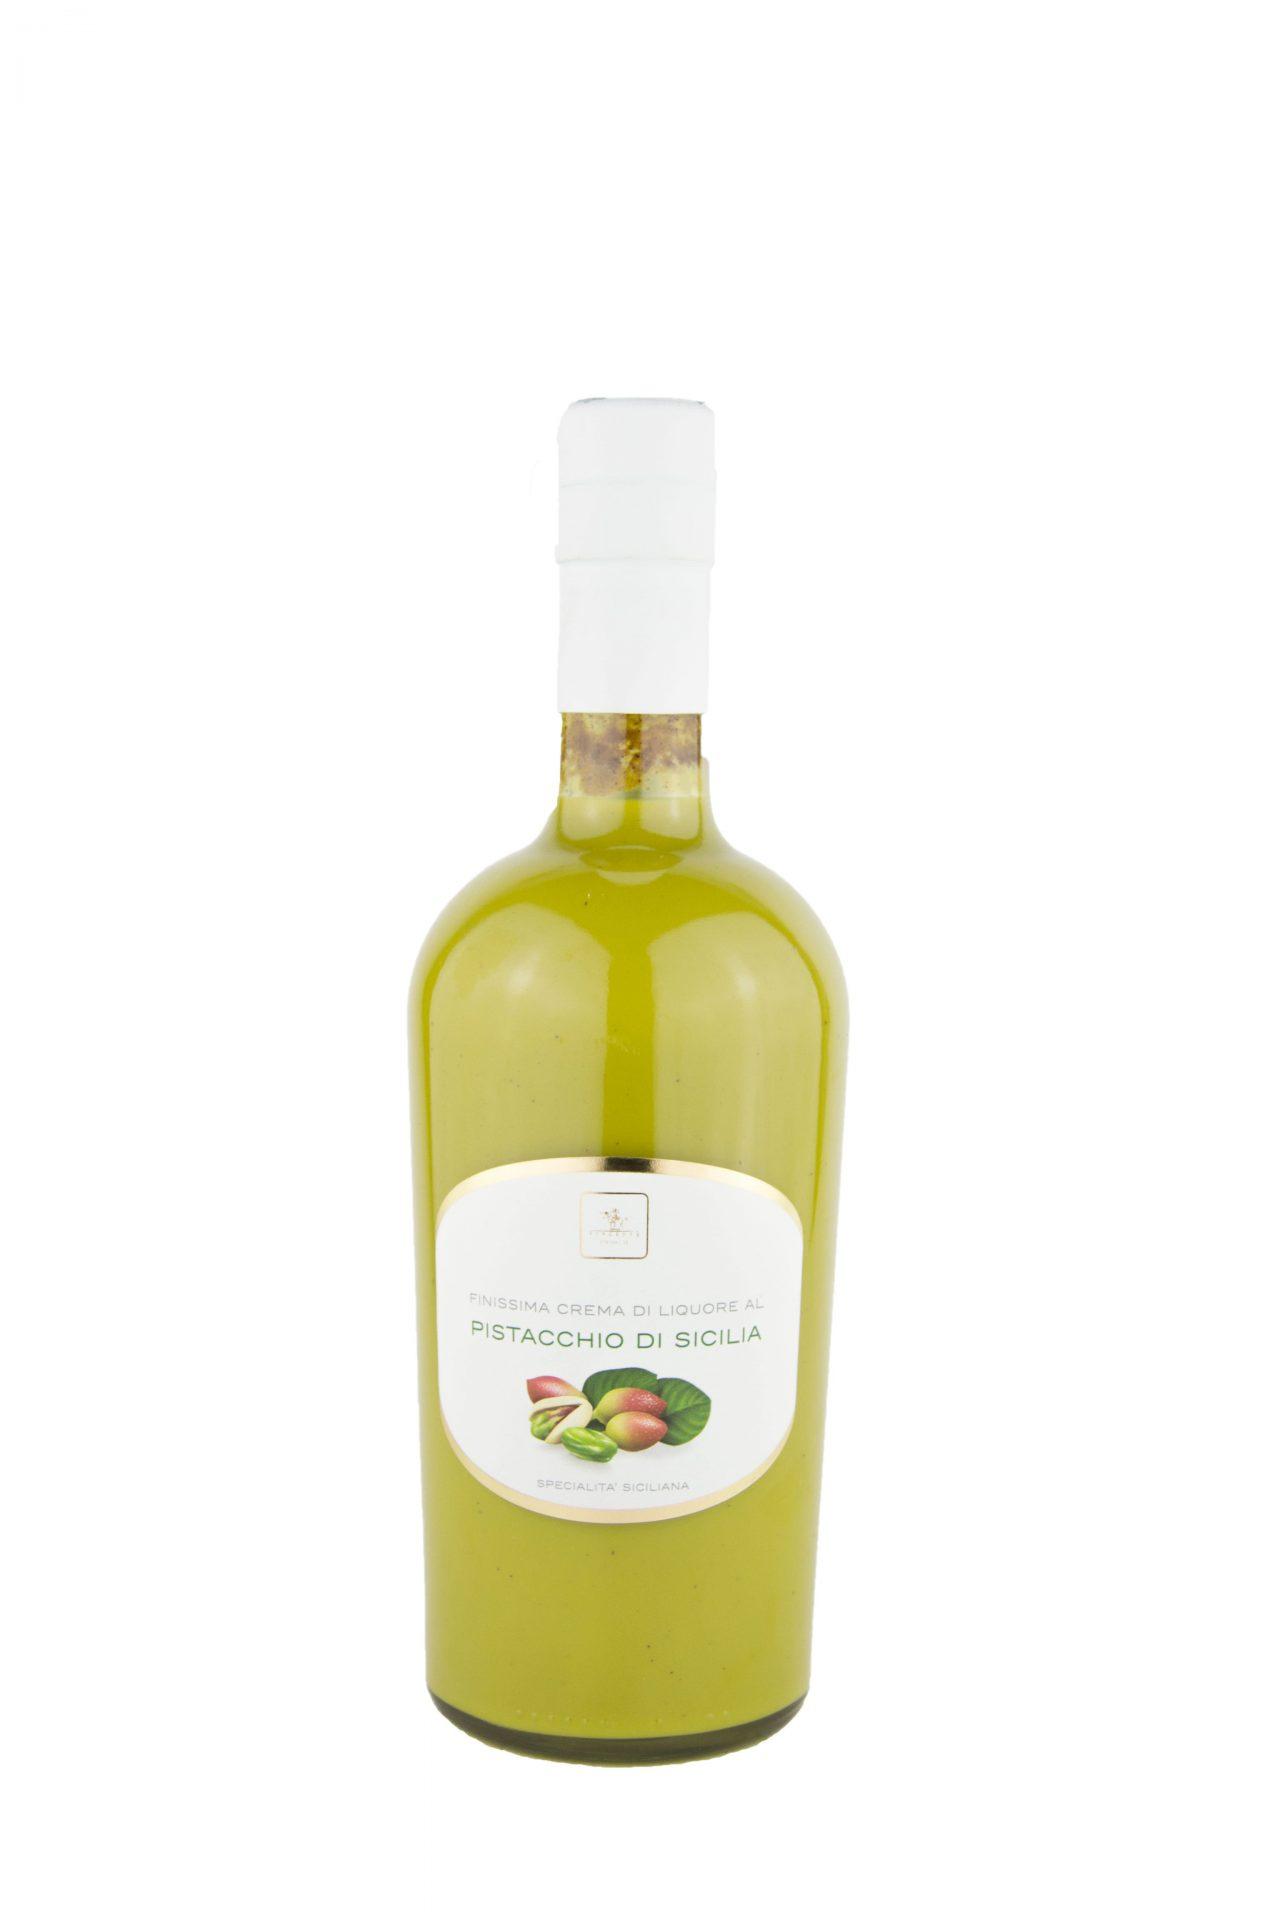 Vincente – Crema Di Liquore Al Pistacchio